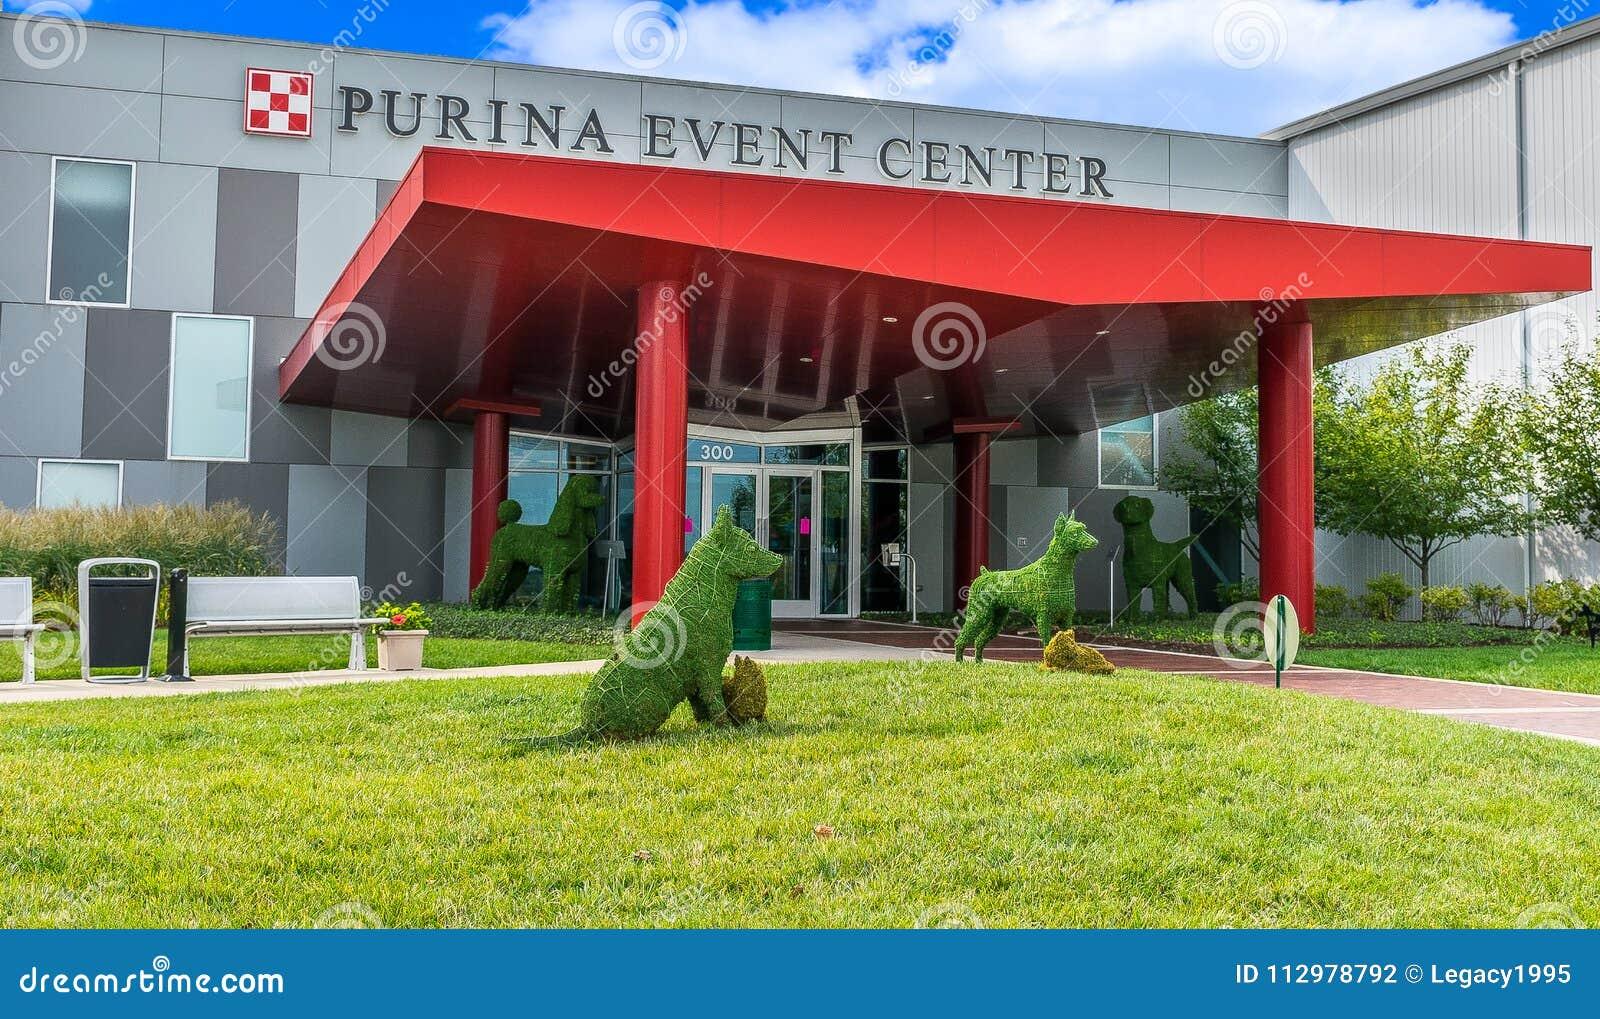 Purina Event Center Entrance Exterior